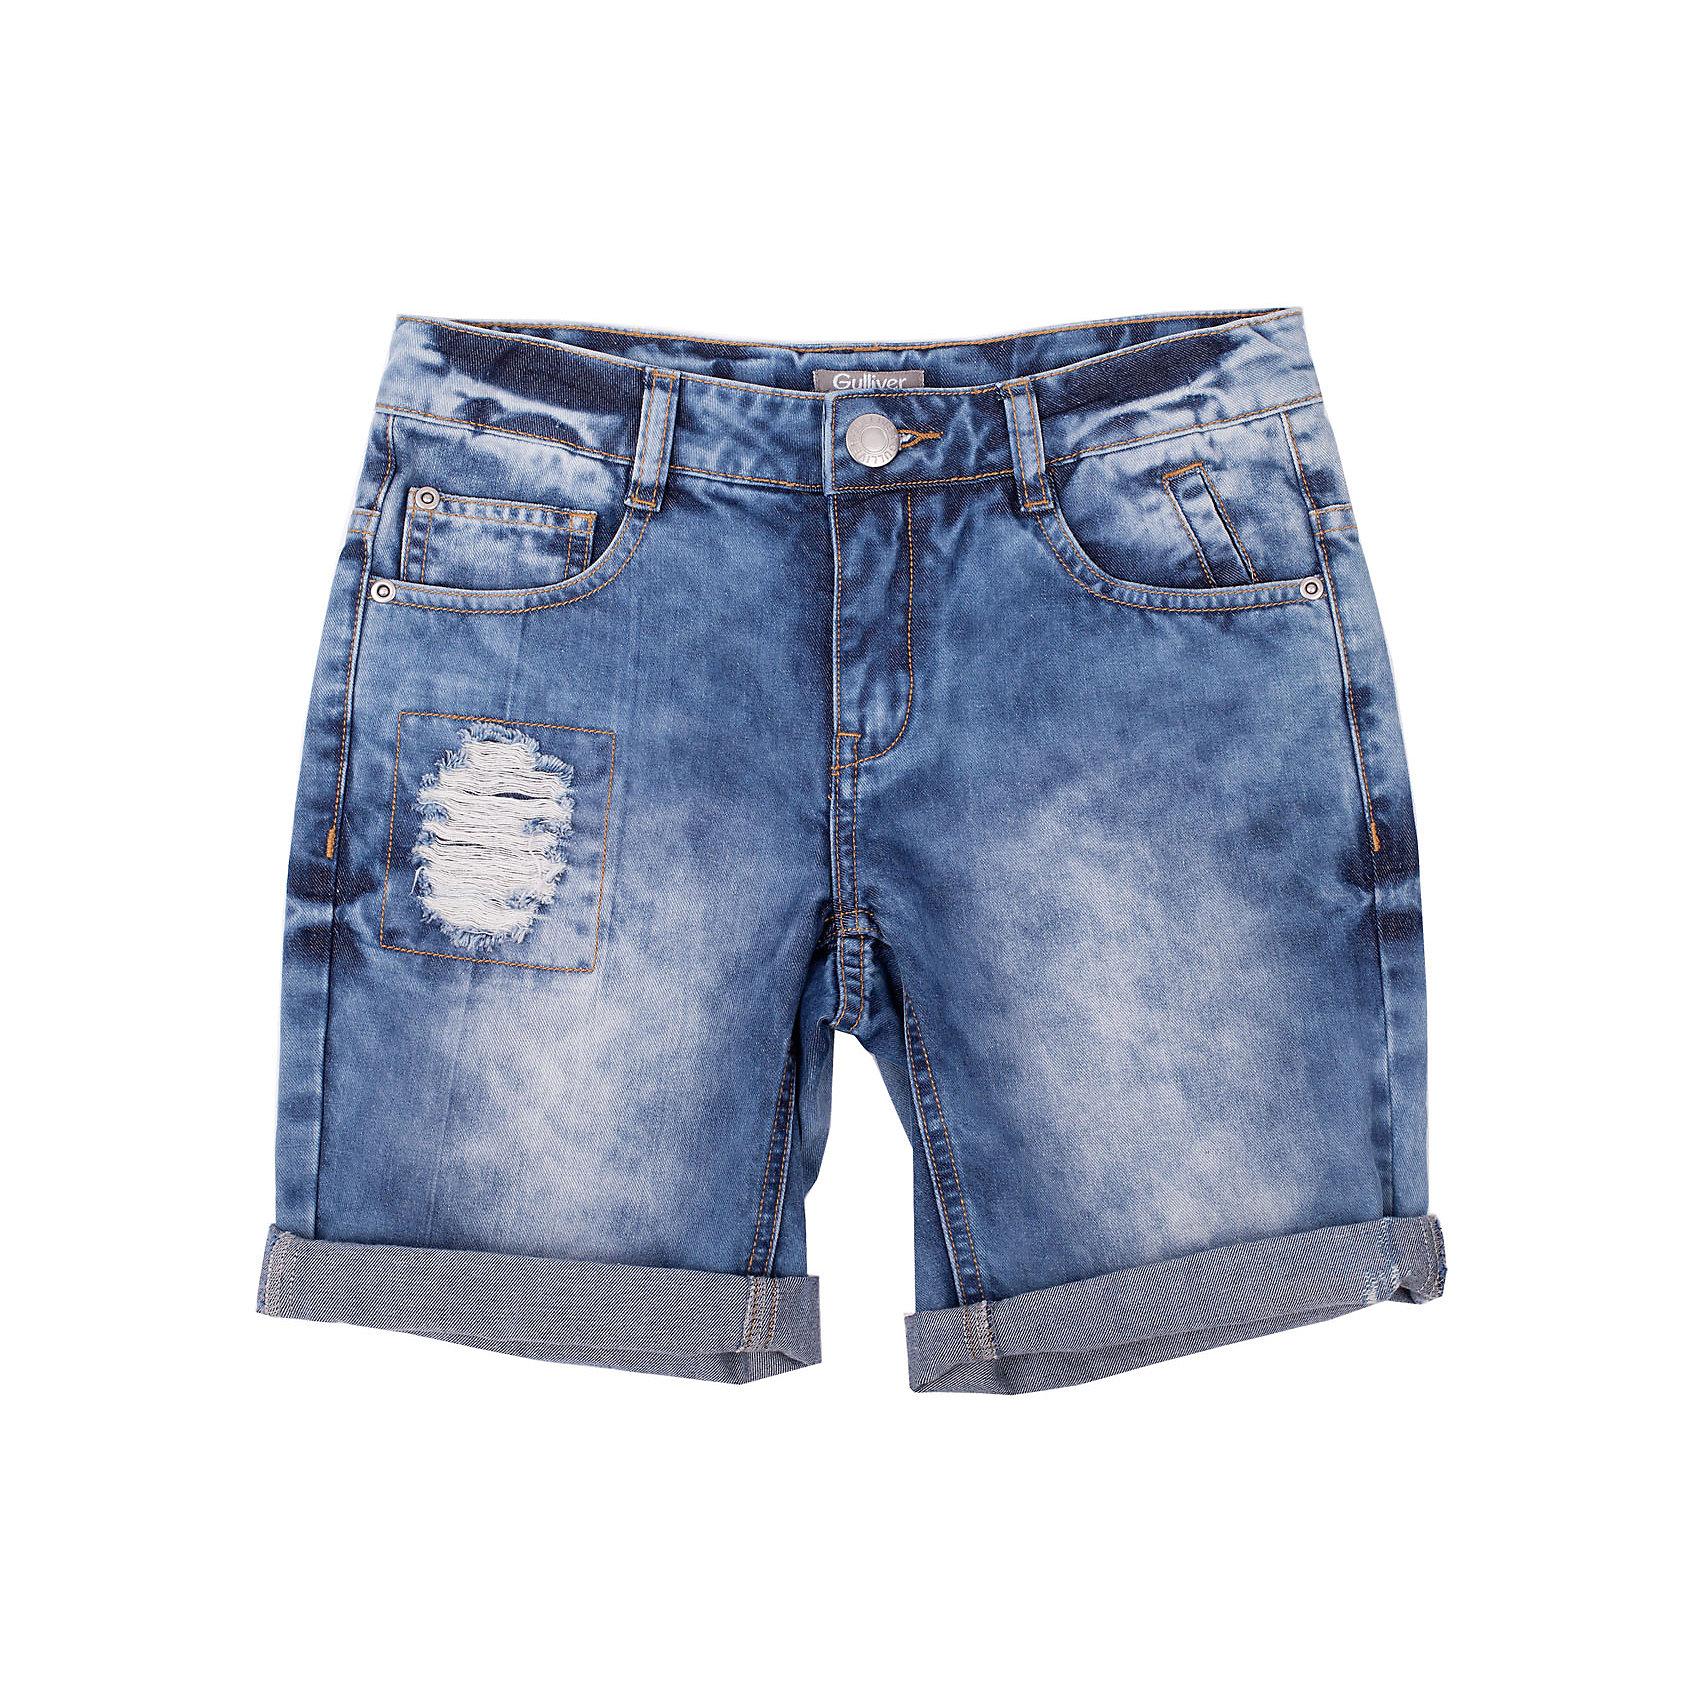 Шорты джинсовые для мальчика GulliverДжинсовая одежда<br>Шорты - непременный атрибут стиля casual, а значит модные джинсовые шорты для мальчика - изделие из разряда must have! Но как угнаться за детской модой? Мы только привыкли к варке, повреждениям и потертостям на детских джинсовых изделиях, но дизайнеры уже придумали что-то новенькое! Голубые джинсовые шорты для мальчика с декоративными заплатками - хит сезона весна/лето 2016!  К тому же, это стильный, комфортный элемент гардероба, идеально подходящий к любой футболке, майке, джемперу.<br>Состав:<br>100% хлопок<br><br>Ширина мм: 191<br>Глубина мм: 10<br>Высота мм: 175<br>Вес г: 273<br>Цвет: голубой<br>Возраст от месяцев: 84<br>Возраст до месяцев: 96<br>Пол: Мужской<br>Возраст: Детский<br>Размер: 128,140,122,134<br>SKU: 4534978